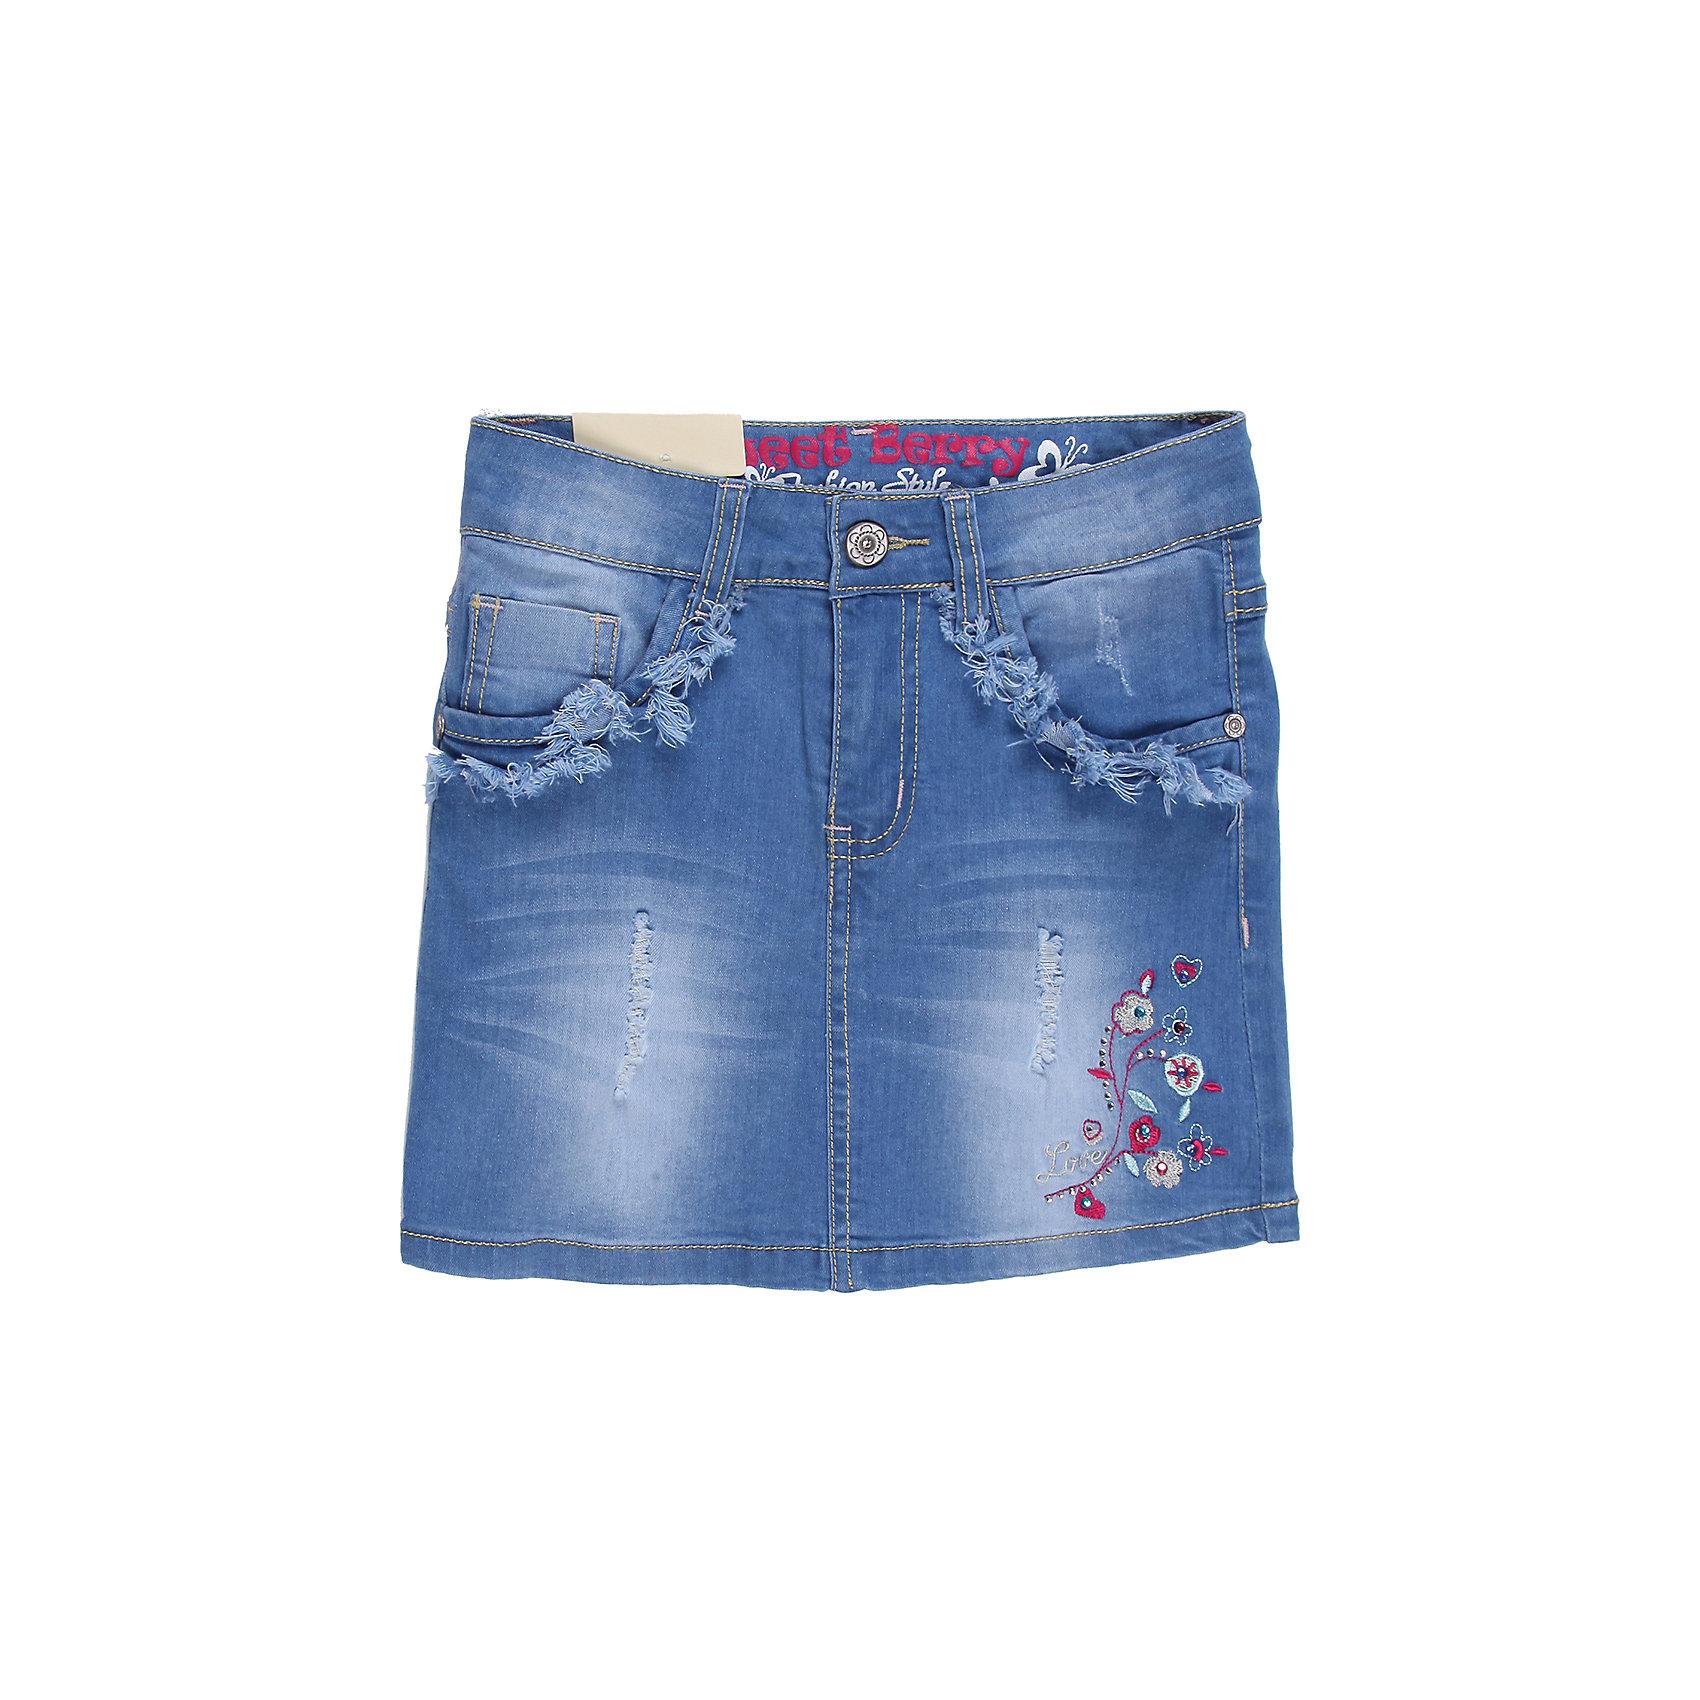 Sweet Berry Юбка джинсовая для девочки Sweet Berry цена 2016